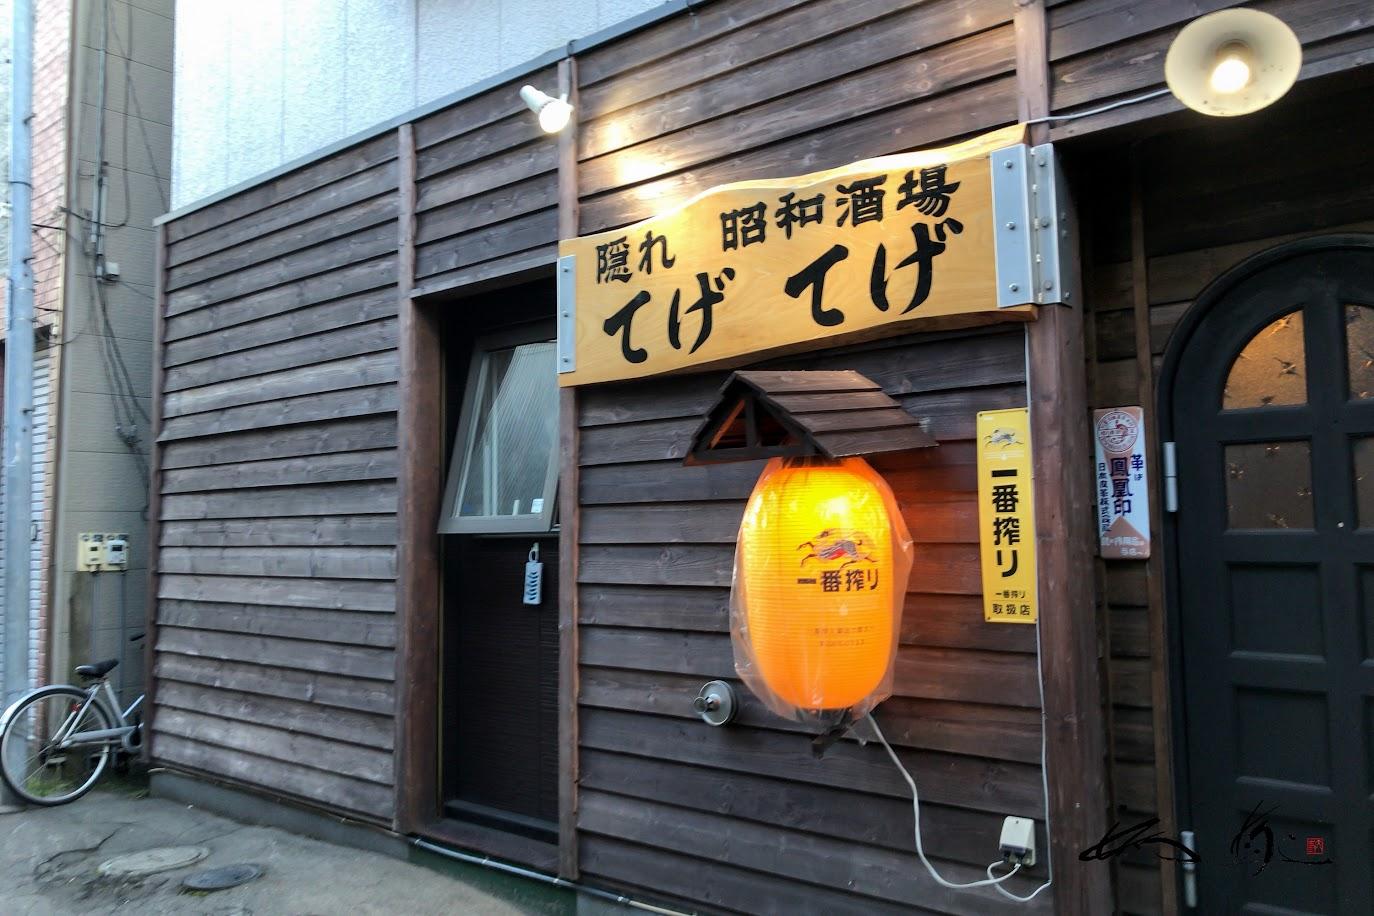 隠れ昭和酒場 てげてげ